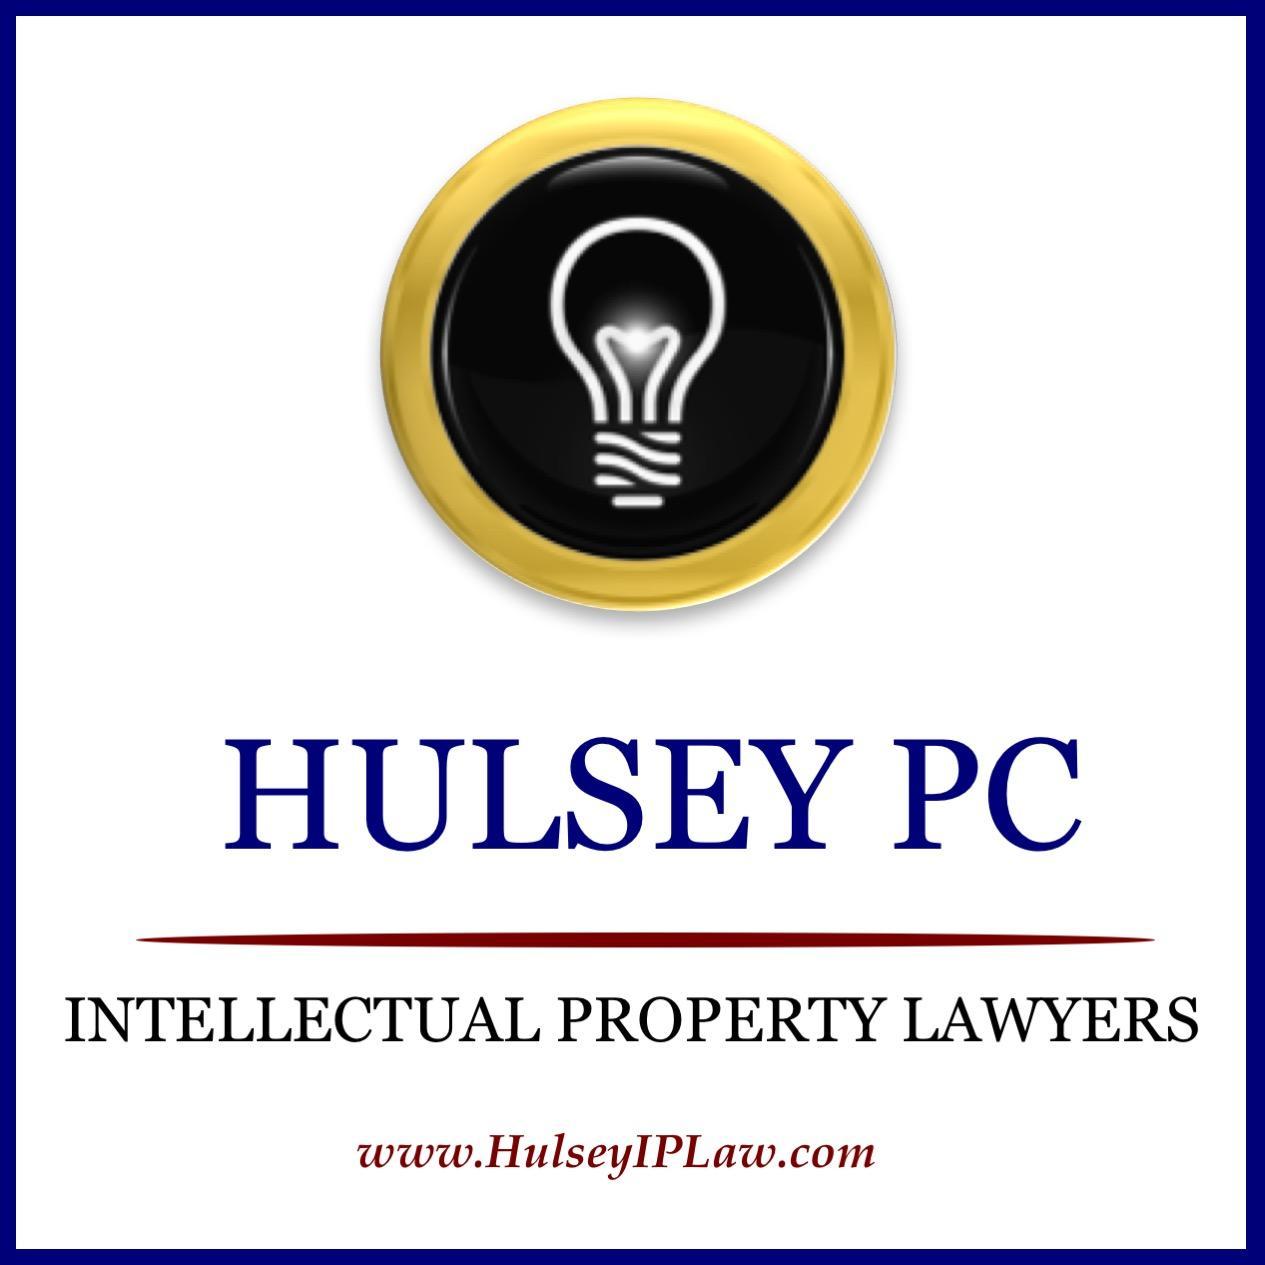 BILL HULSEY LAWYER - PATENT - IP - HULSEY PC